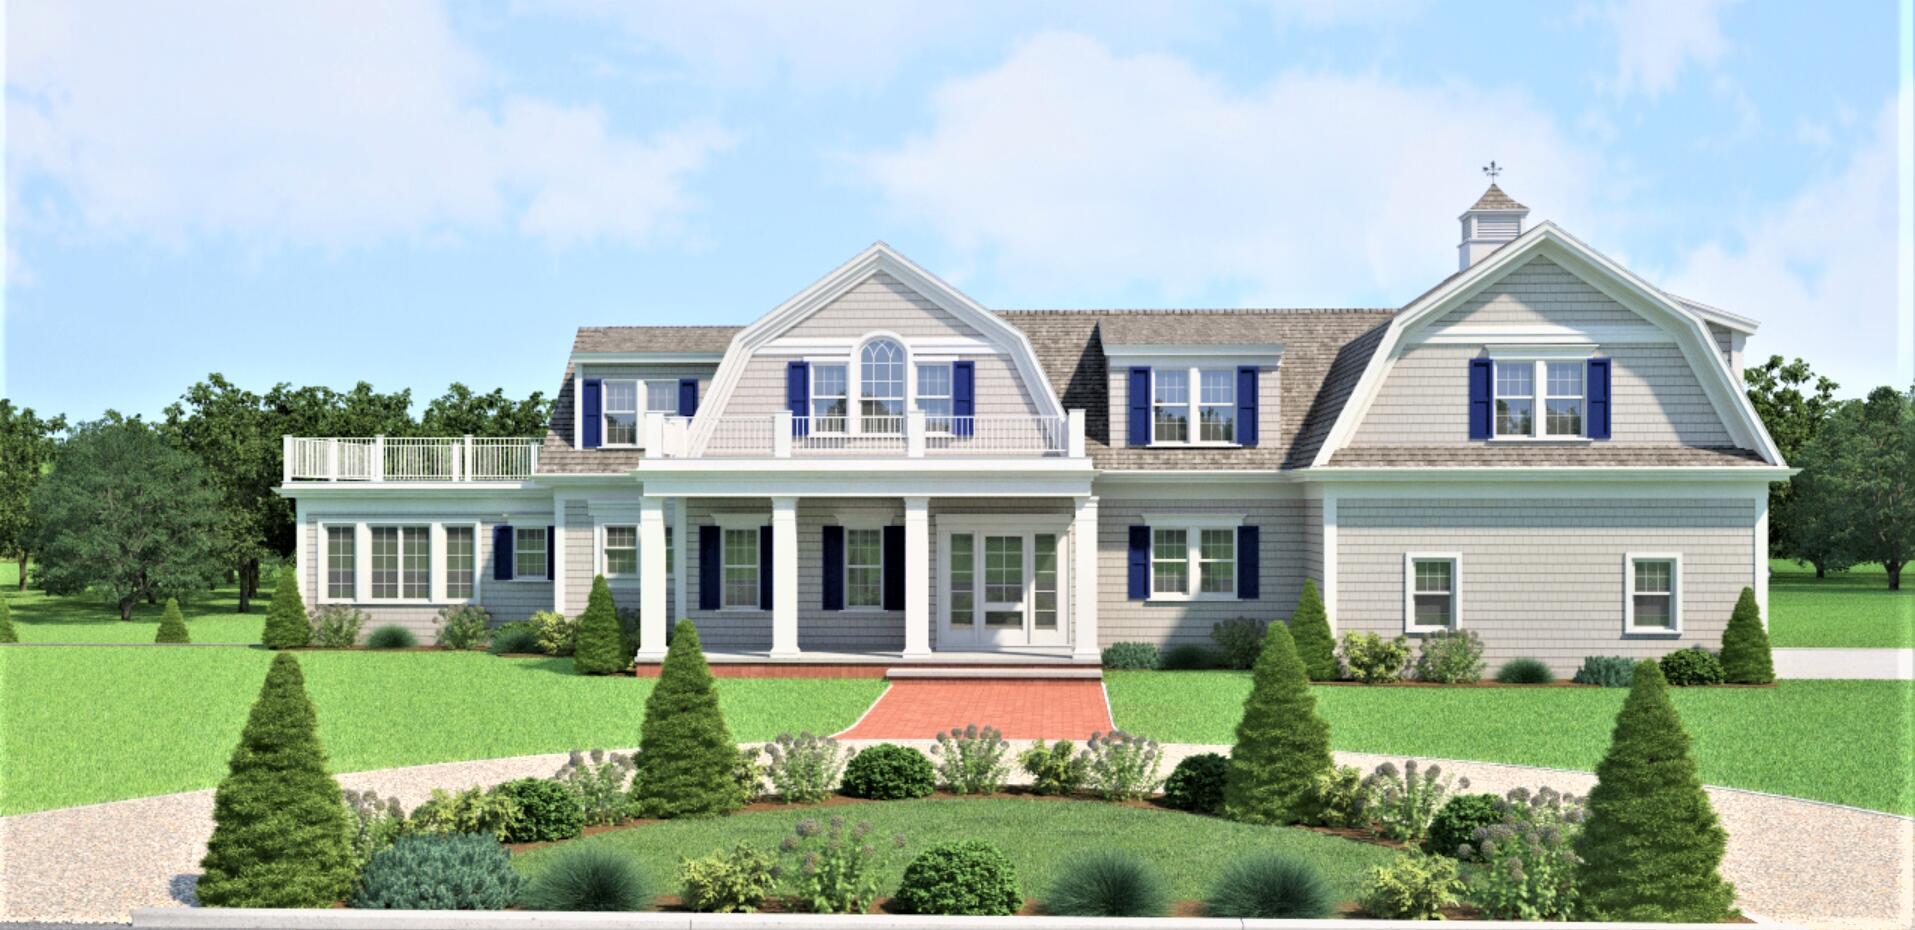 17 Grandview Drive, Orleans MA, 02653 sales details